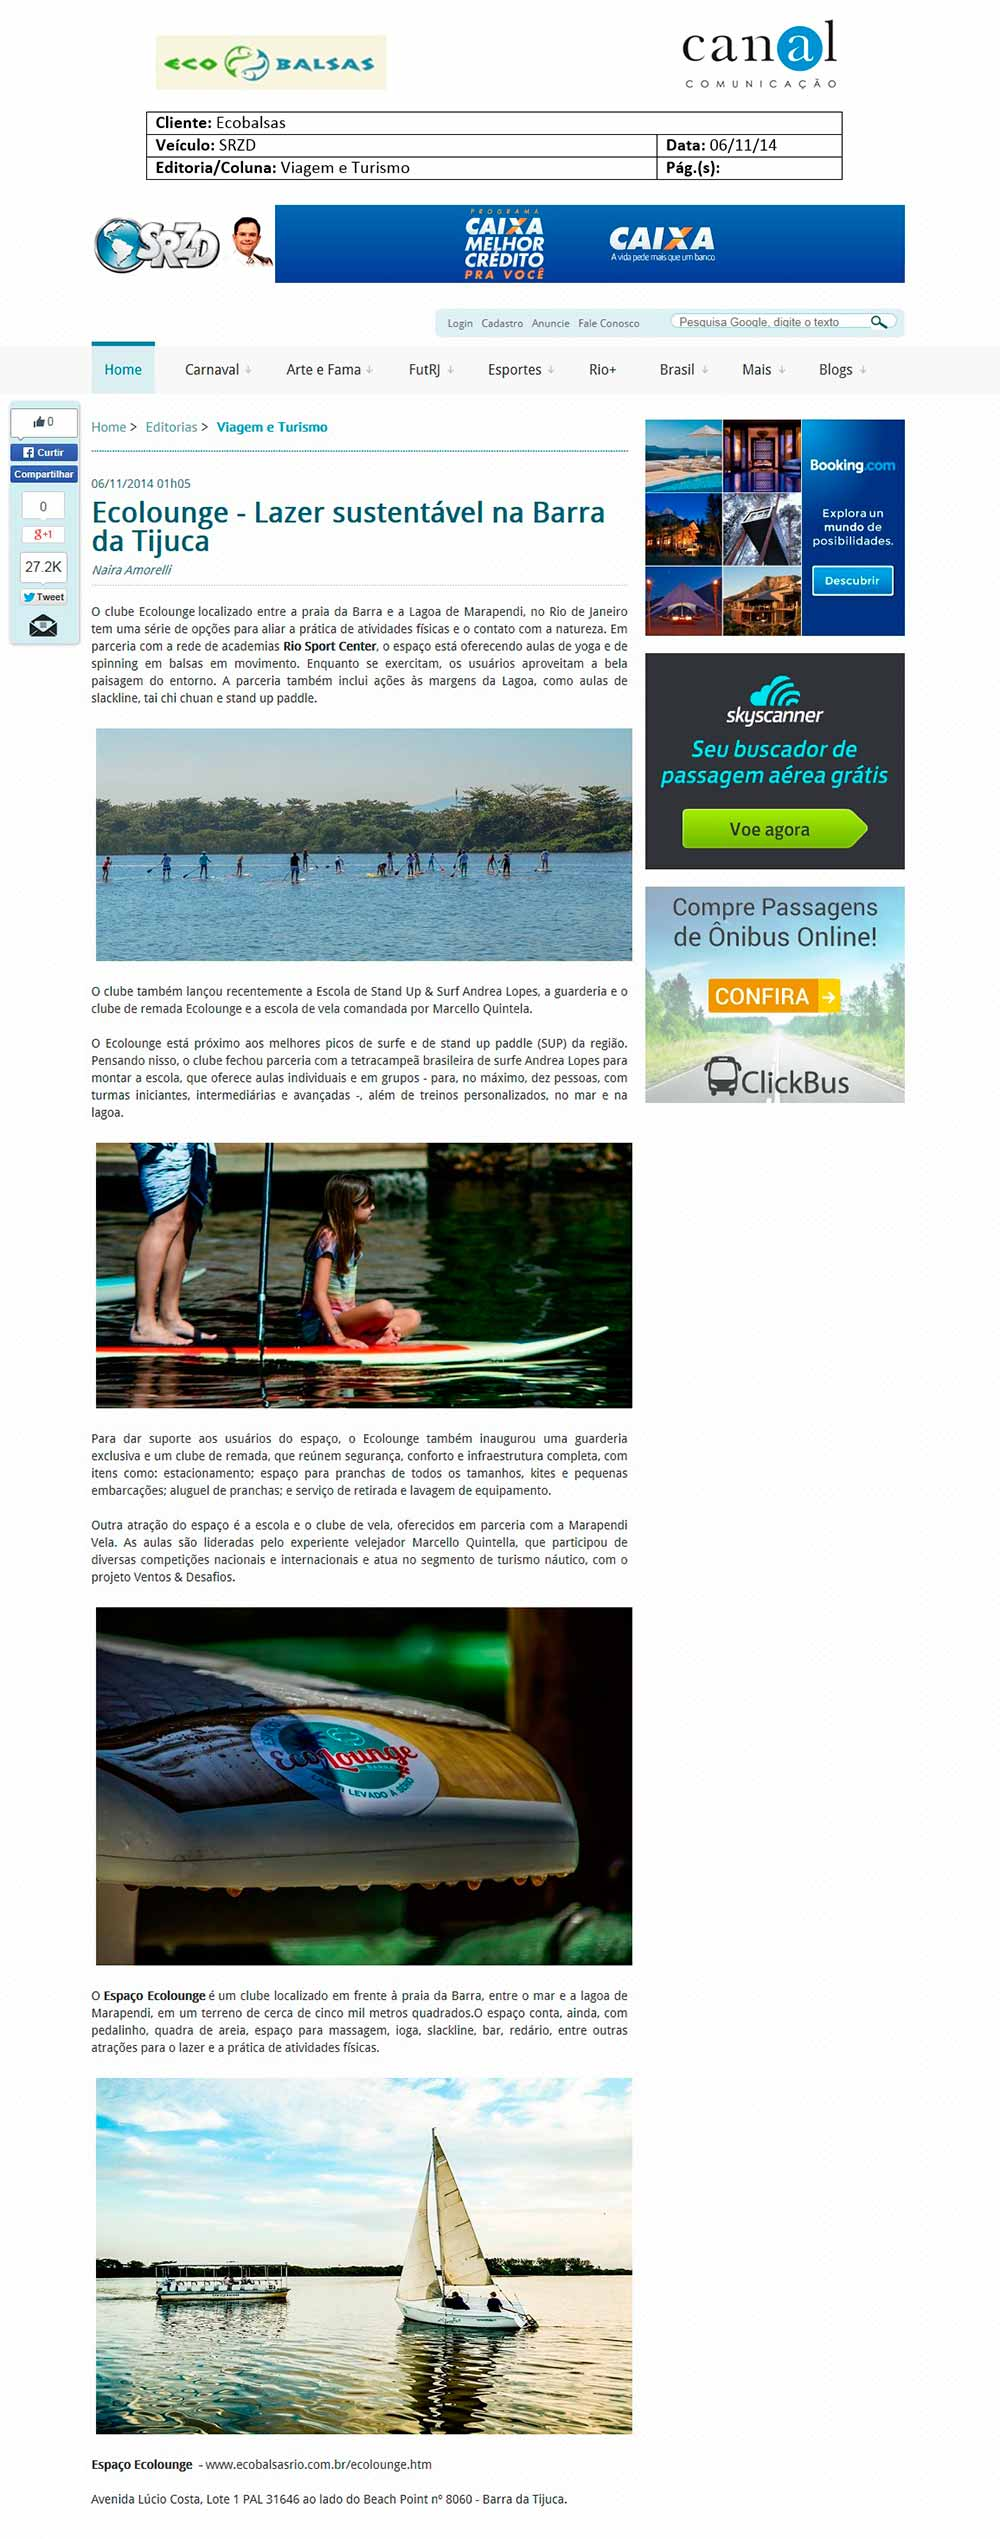 13-Ecobalsas_SRZD-(Viagem-e-Turismo)_06.11